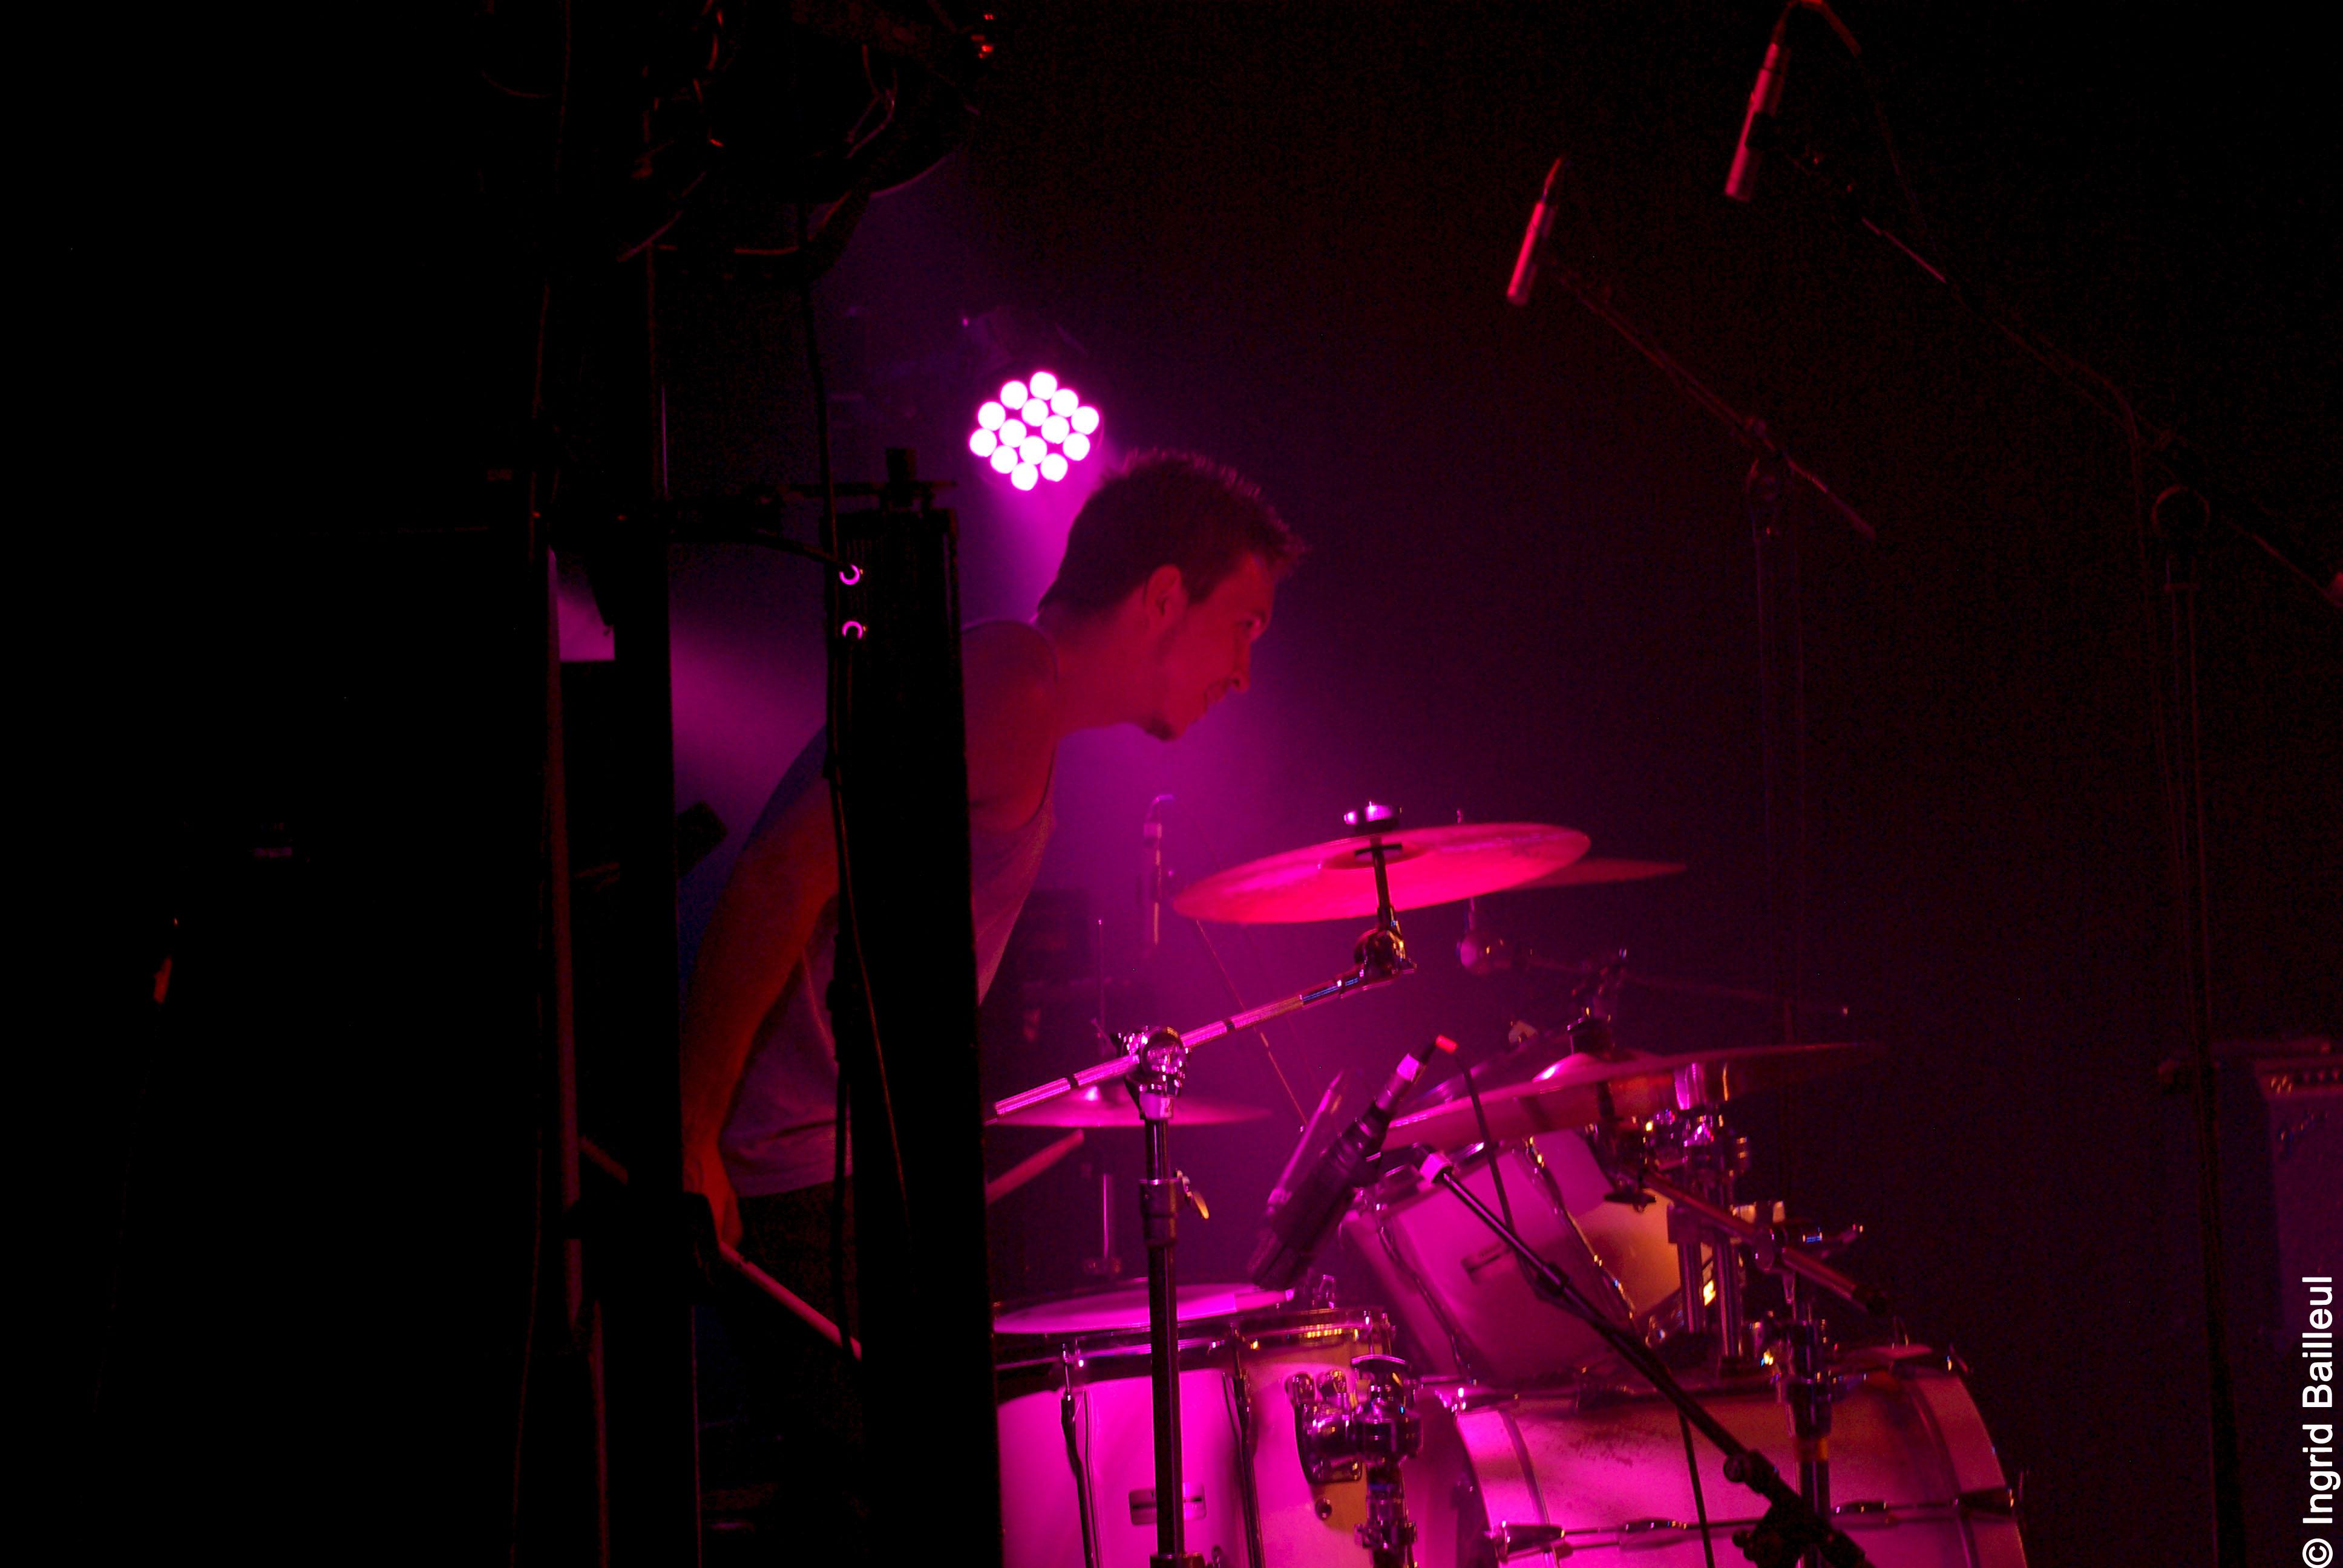 Concert Tremplin Bures - 09/05/15 - Crédit photo: Ingrid Bailleul